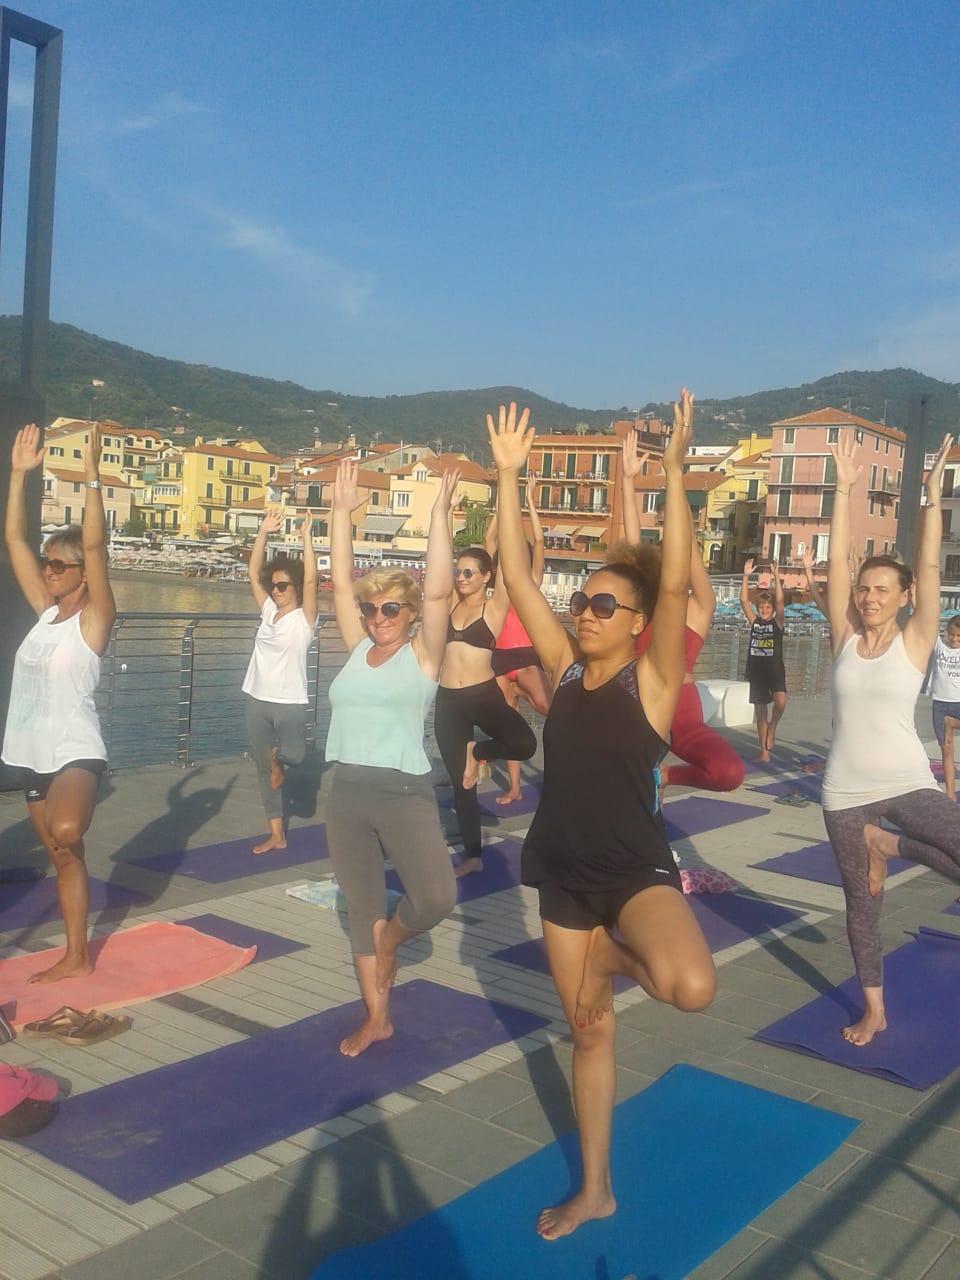 essere-free-yoga-gratuito-benessere-per-tutti-village-citta-alassio-estate-lucia-ragazzi-summer-town-wellness-094